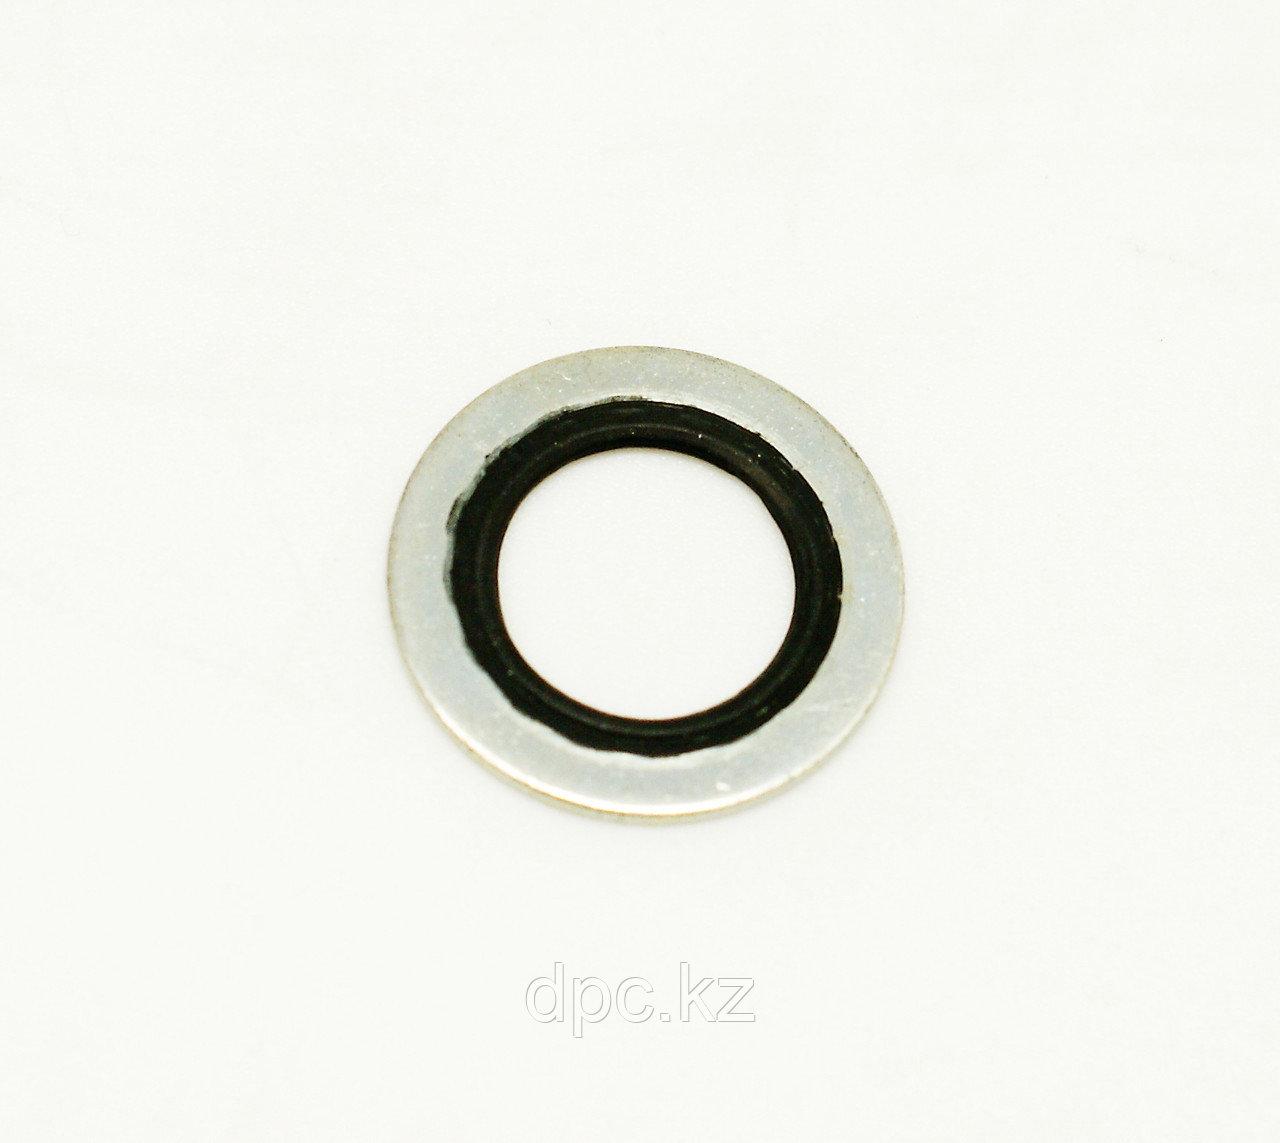 Кольцо уплотнительное трубки ТННД Cummins ISL 3963991 3957428